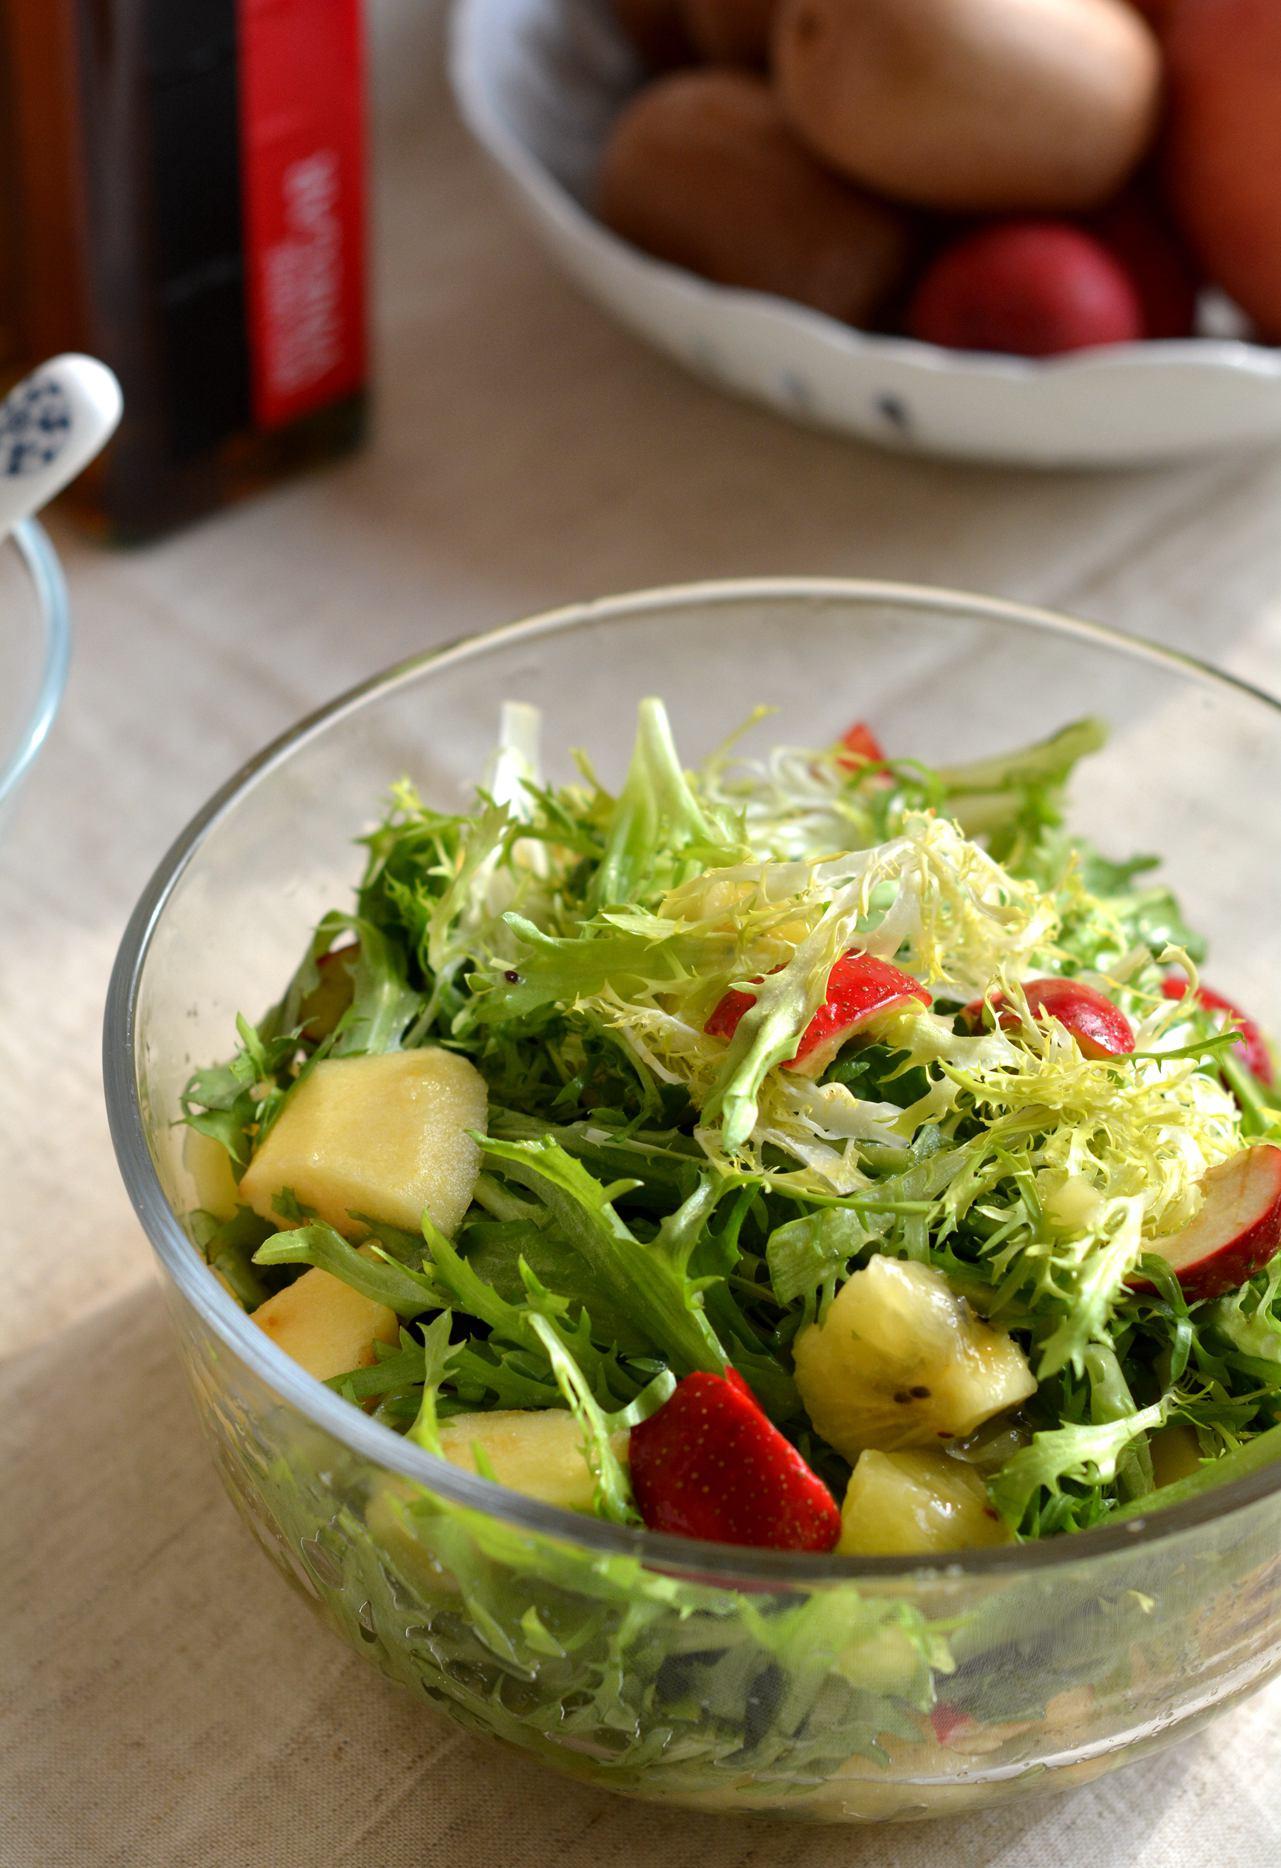 夏天最爱吃这凉拌菜,又解暑又开胃,好吃不贵,做法简单